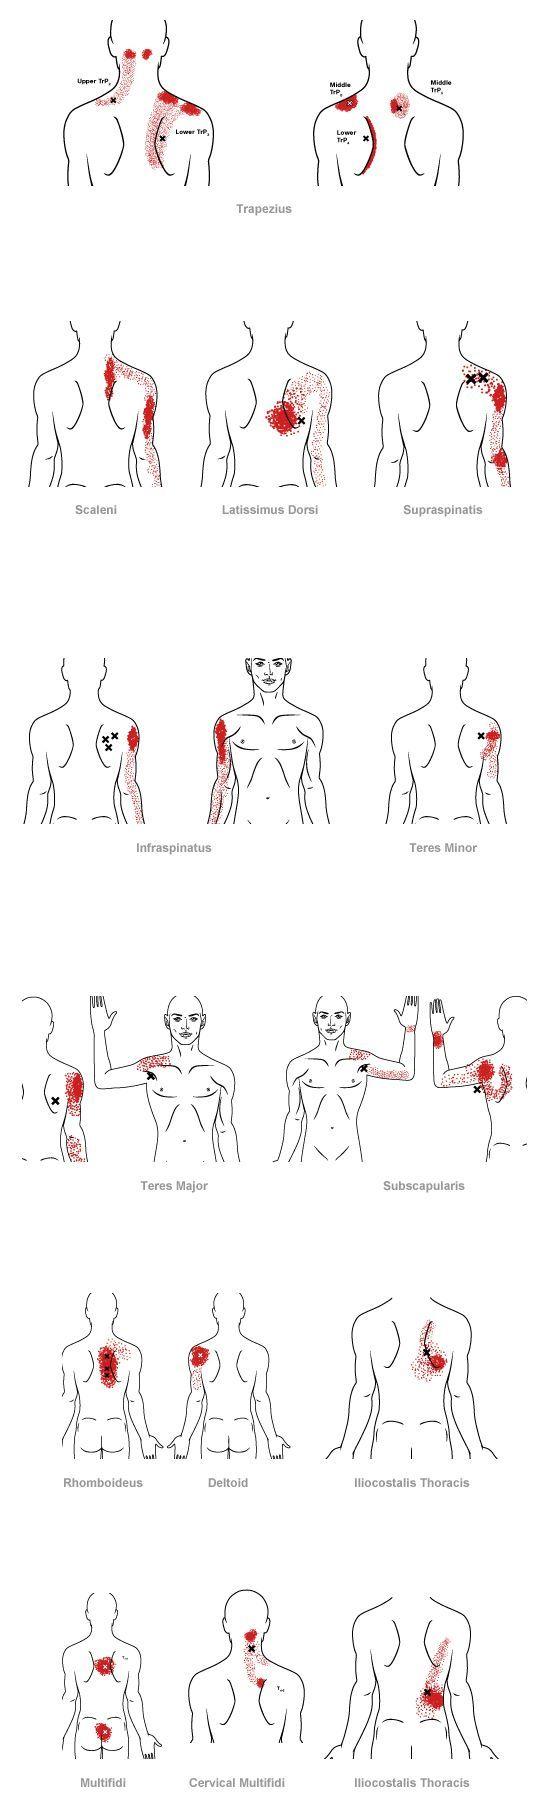 punto de disparo patrón de dolor referido para la espalda media ...